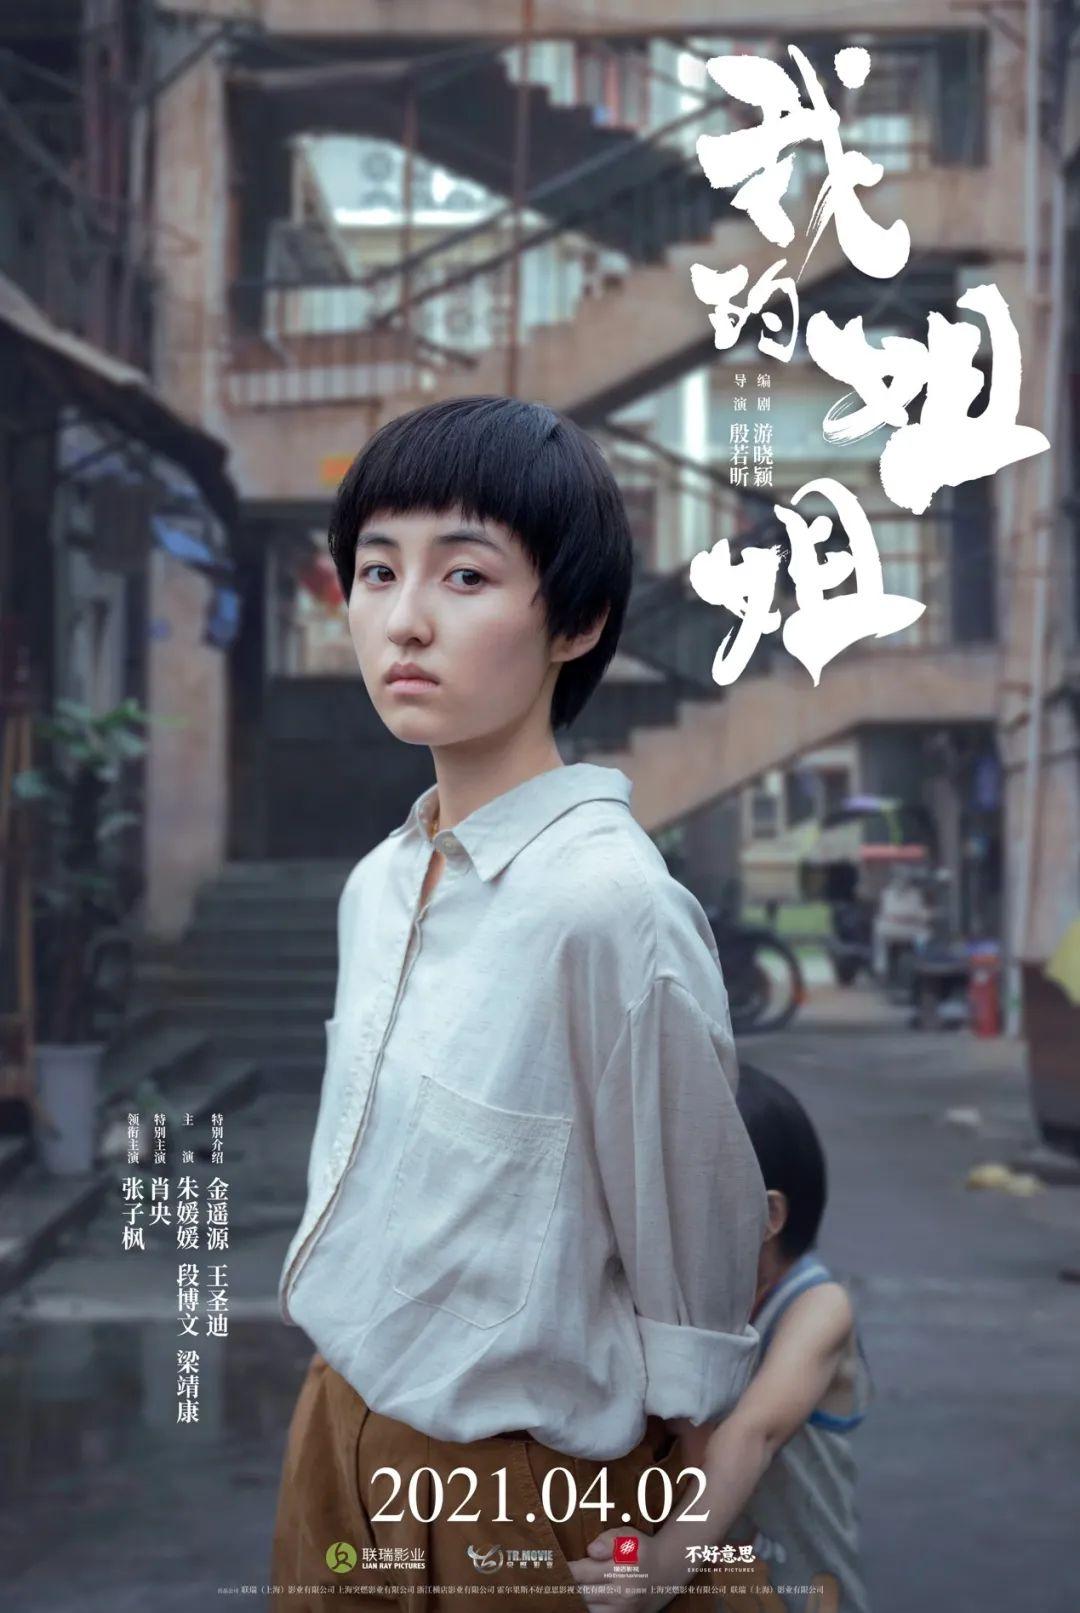 """《我的姐姐》两天票房近2亿,""""张子枫""""成清明档最大""""黑马""""?"""